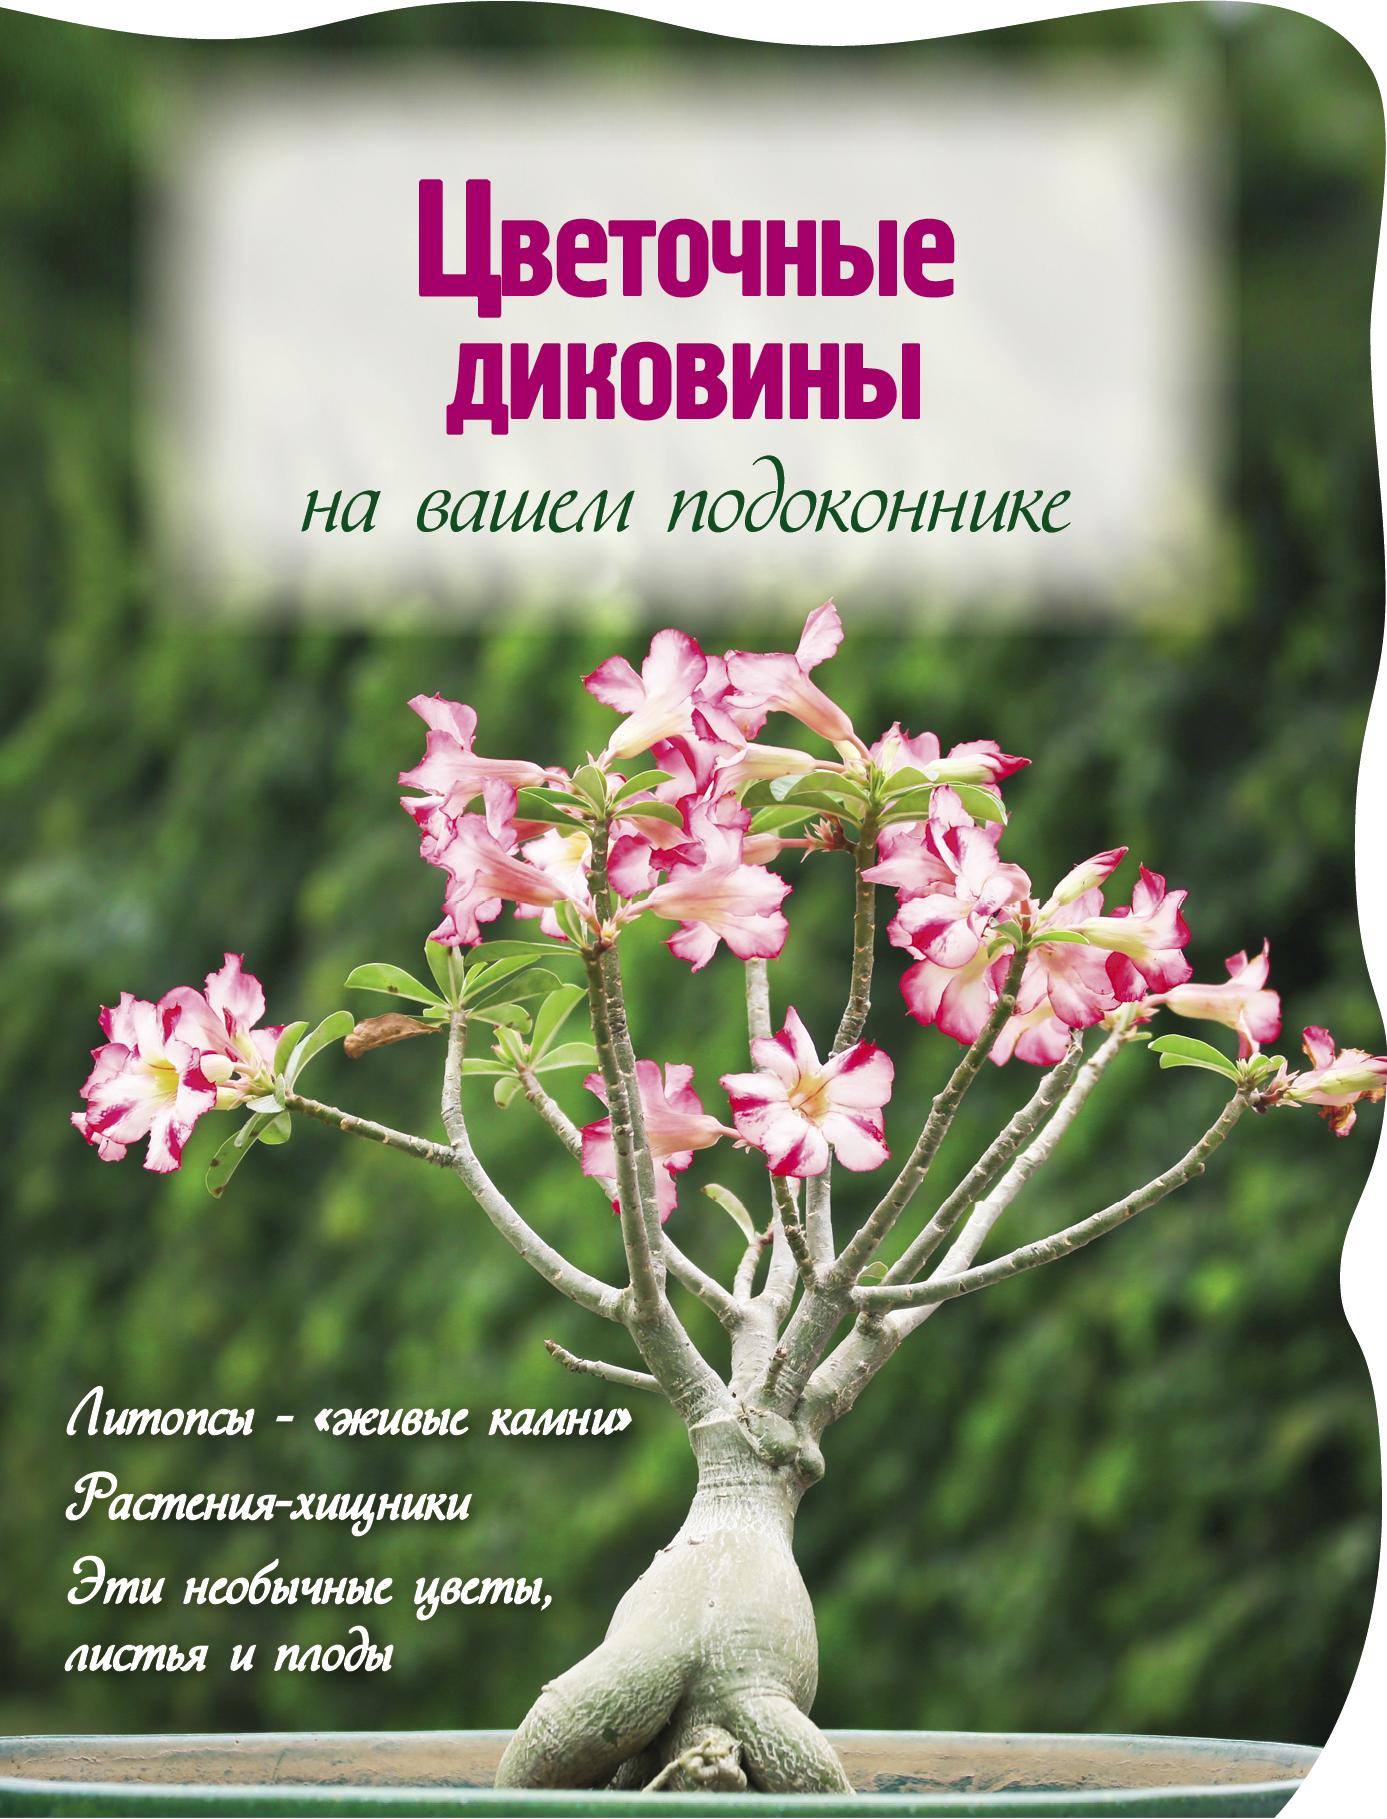 Цветочные диковины на вашем подоконнике (Вырубка. Цветы в саду и на окне (обложка))